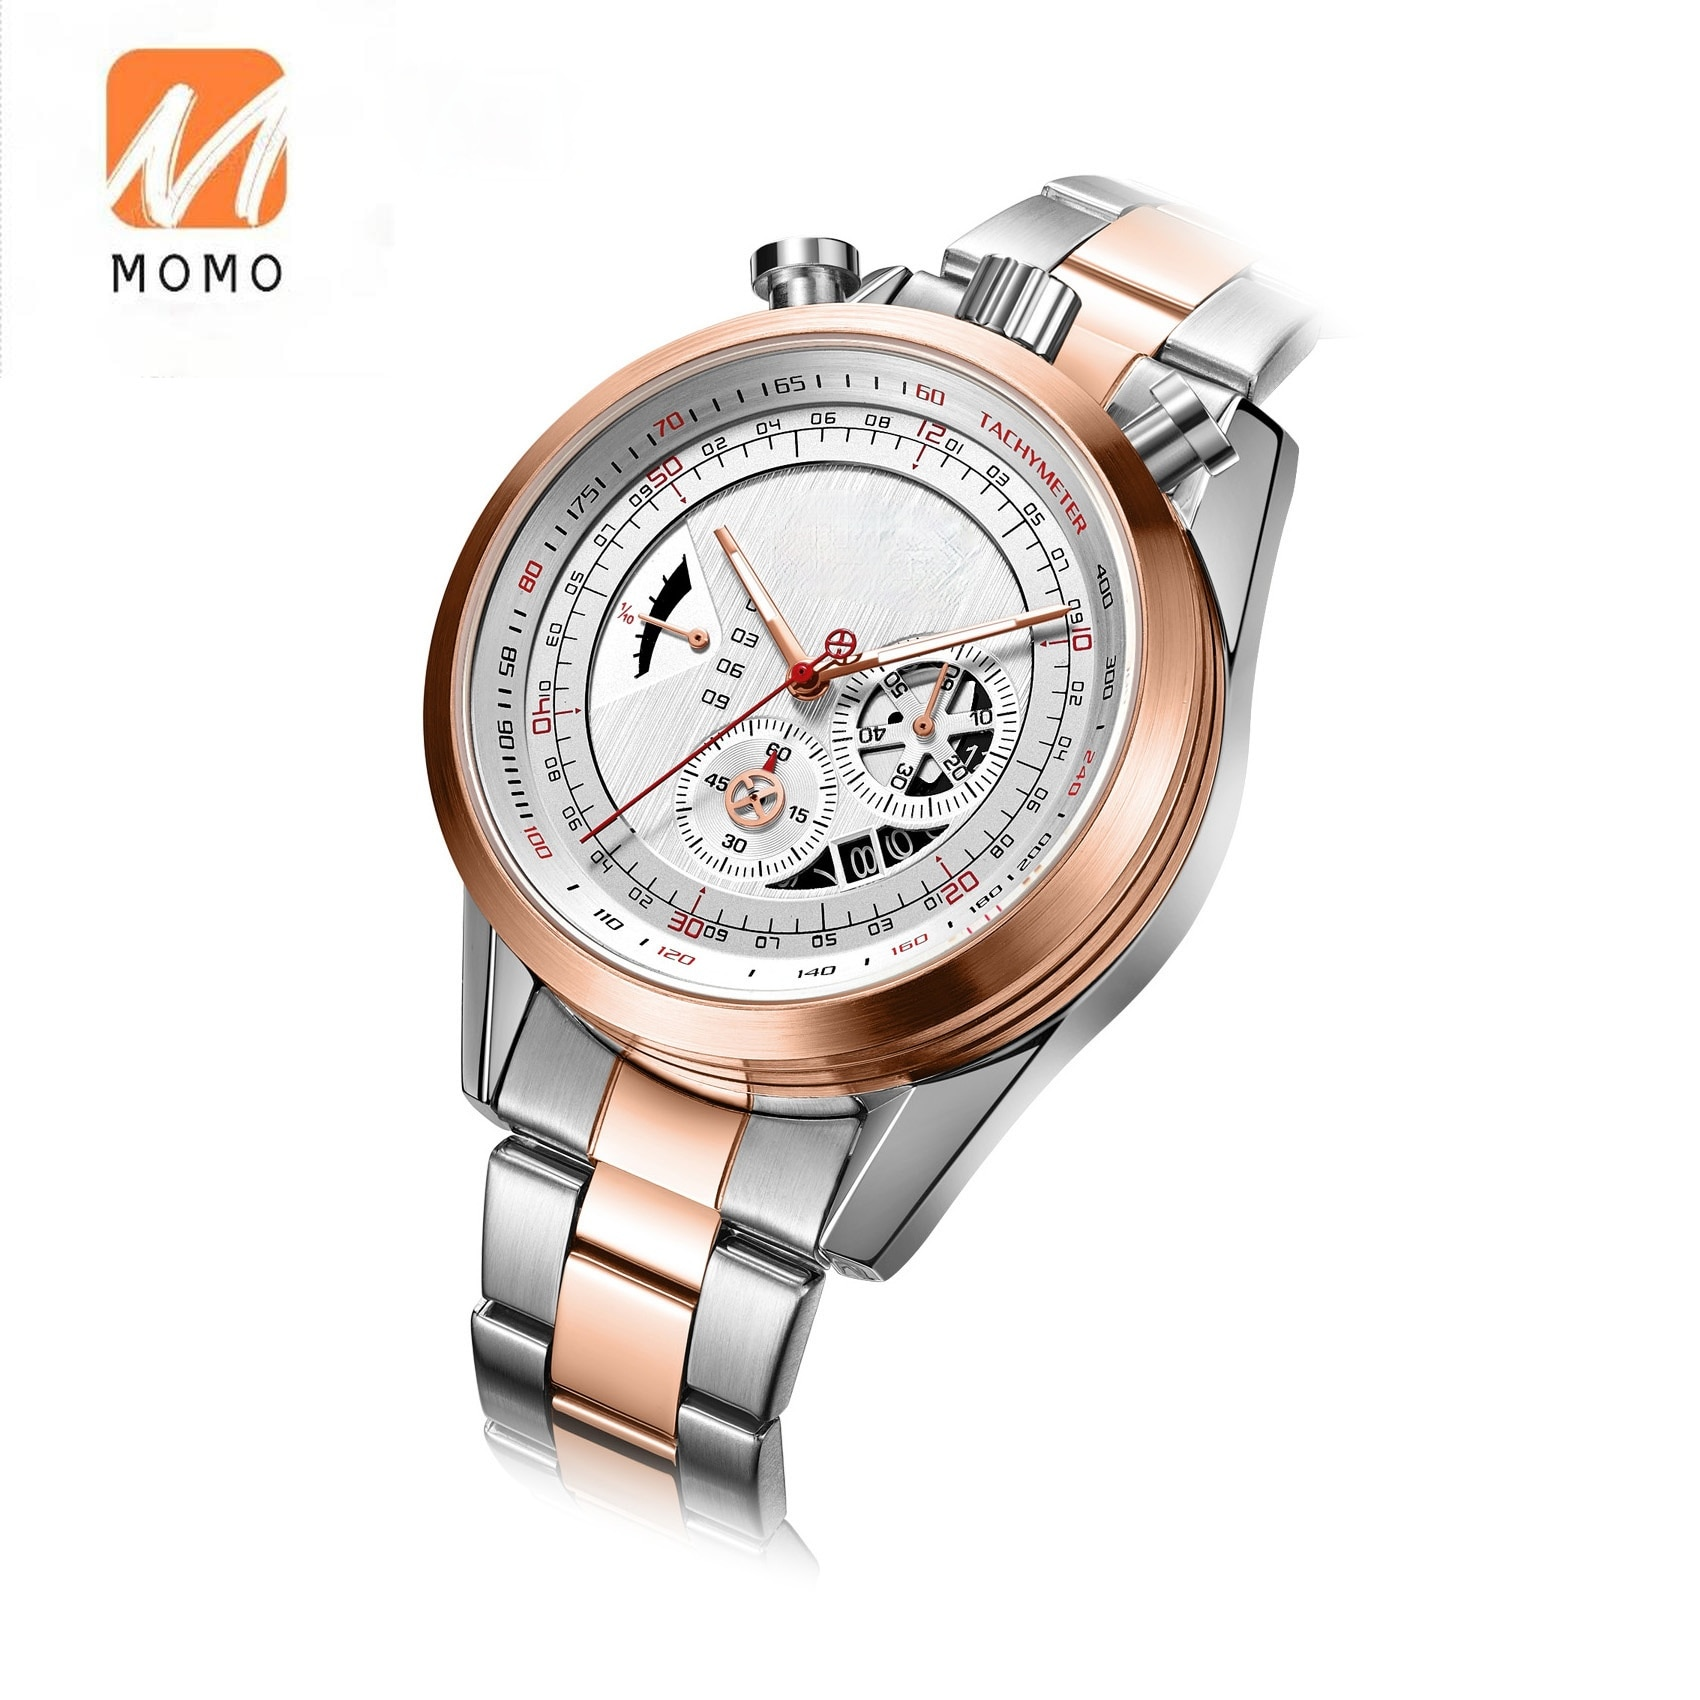 Розничная продажа, популярный дизайн, большие мужские наручные часы, роскошные мужские аксессуары, тяжелая нержавеющая сталь, черный цвет